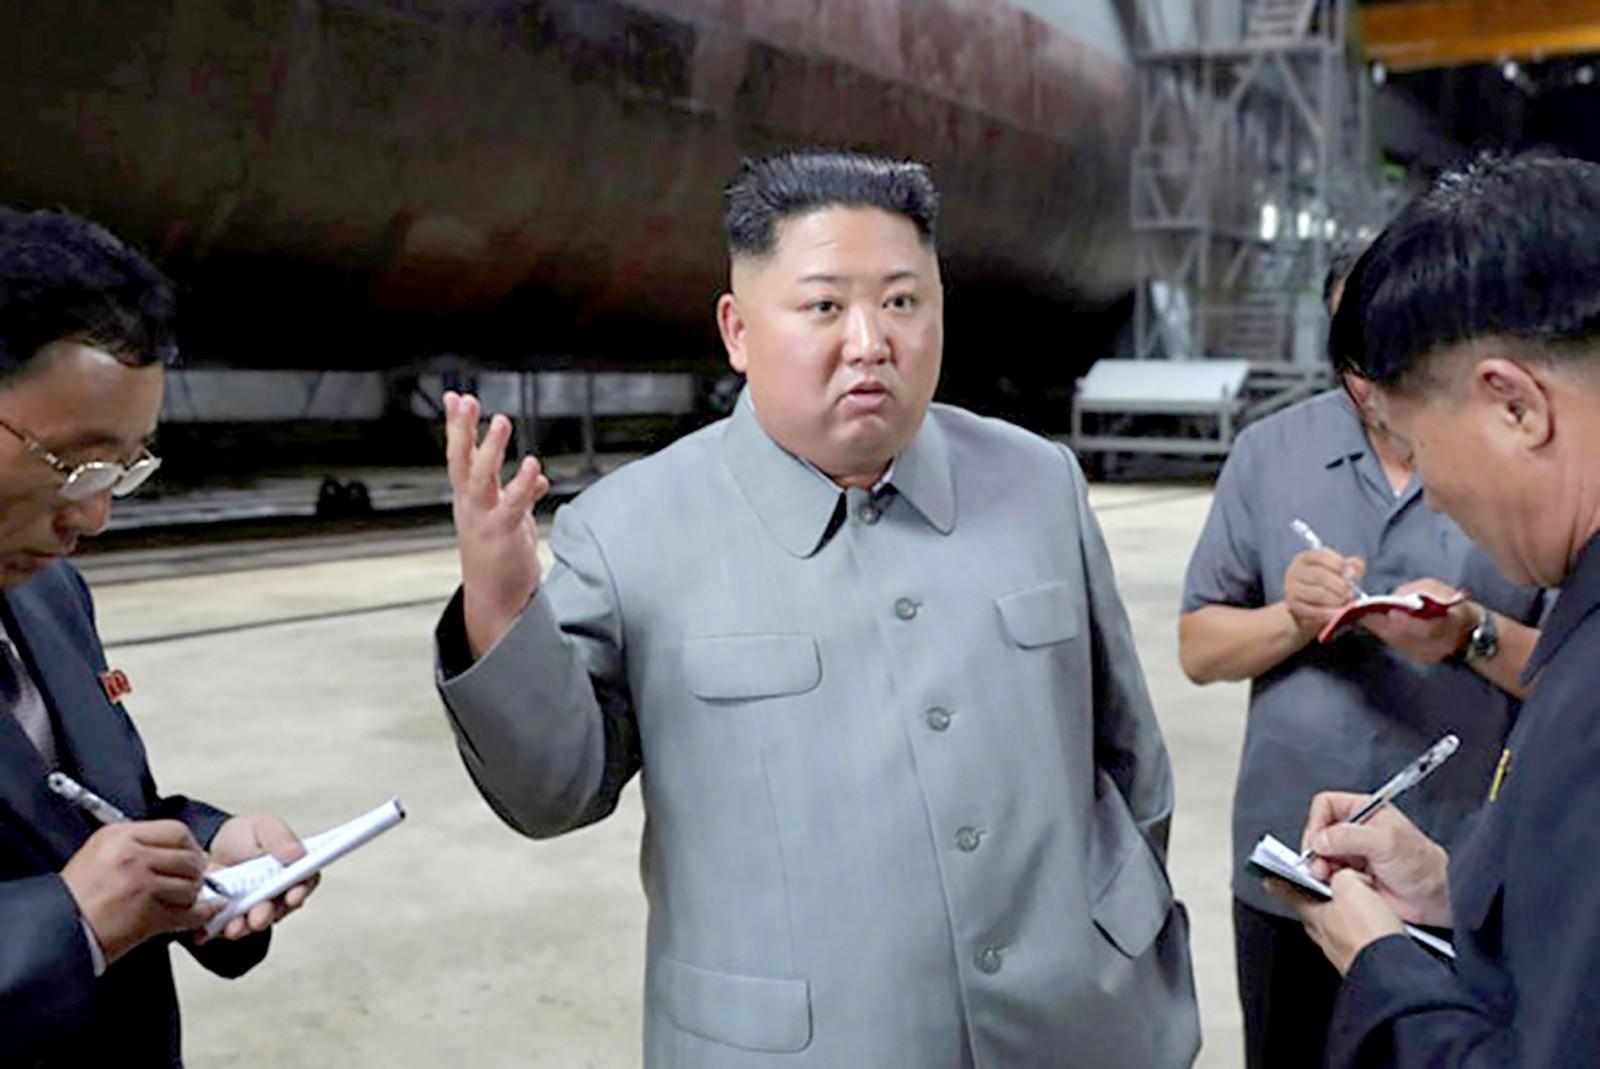 Nhà lãnh đạo Kim Jong-un phát biểu tại buổi thị sát tàu ngầm mới. Ảnh: KCNA